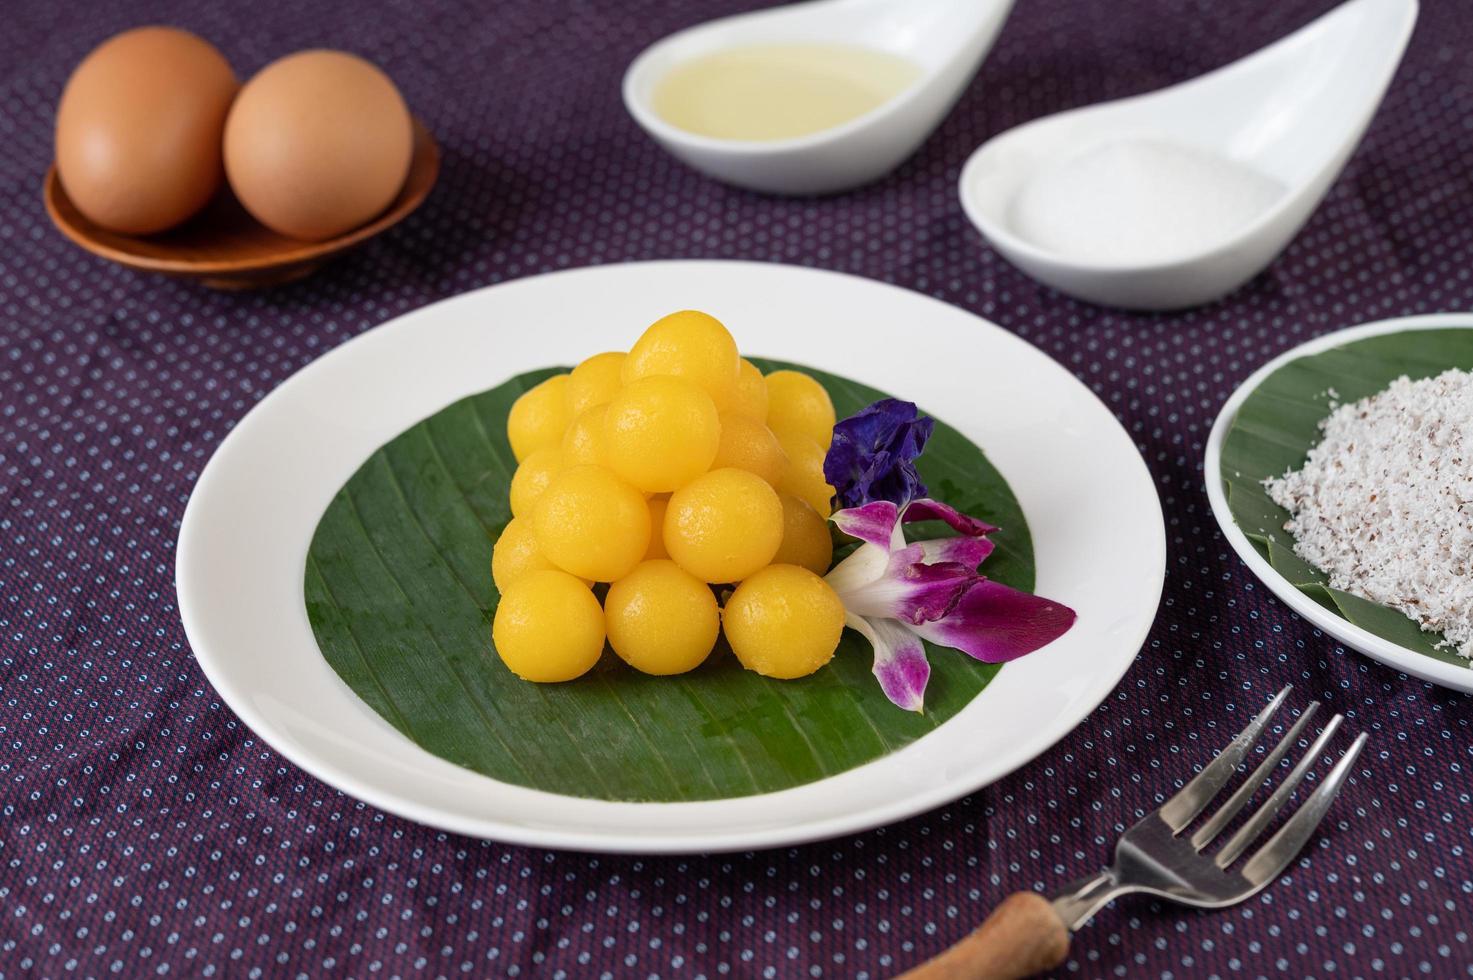 perizoma yod, dessert tailandese su una foglia di banana foto